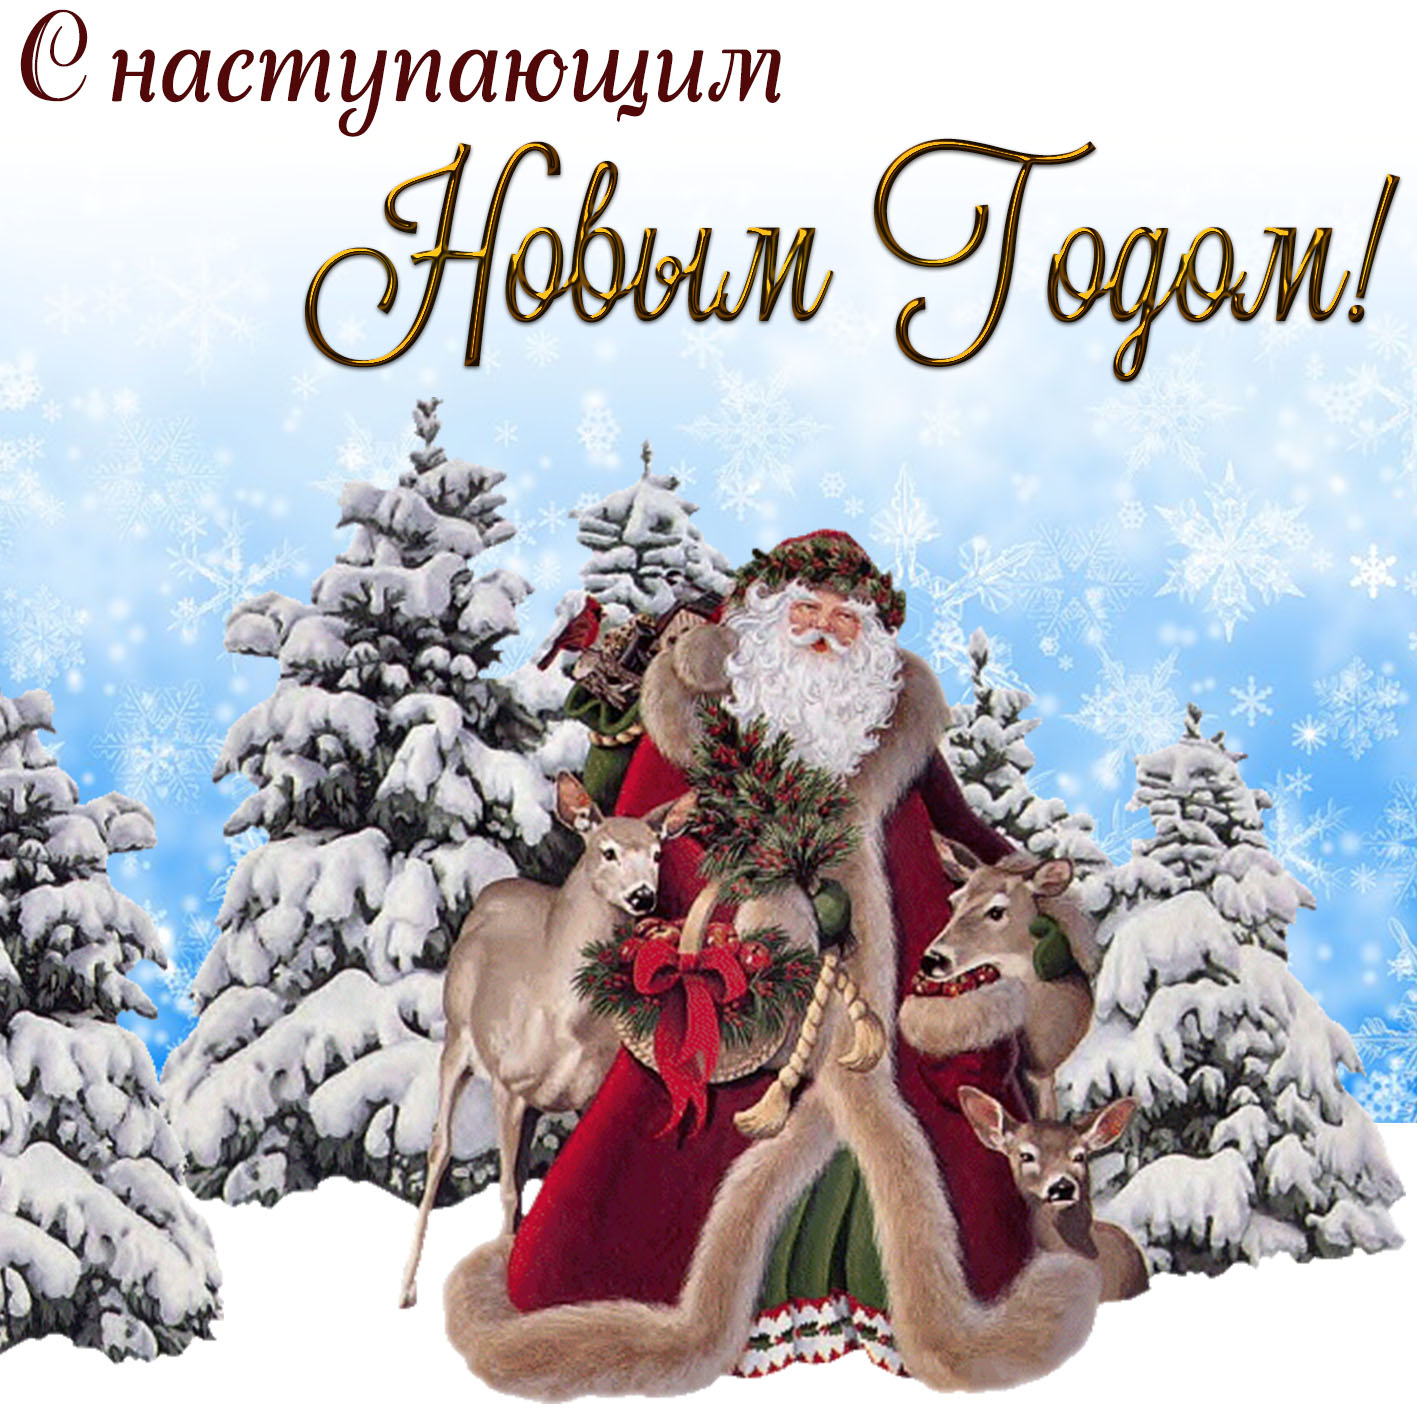 Картинка с Дедом Морозом среди заснеженных ёлочек на Новый год